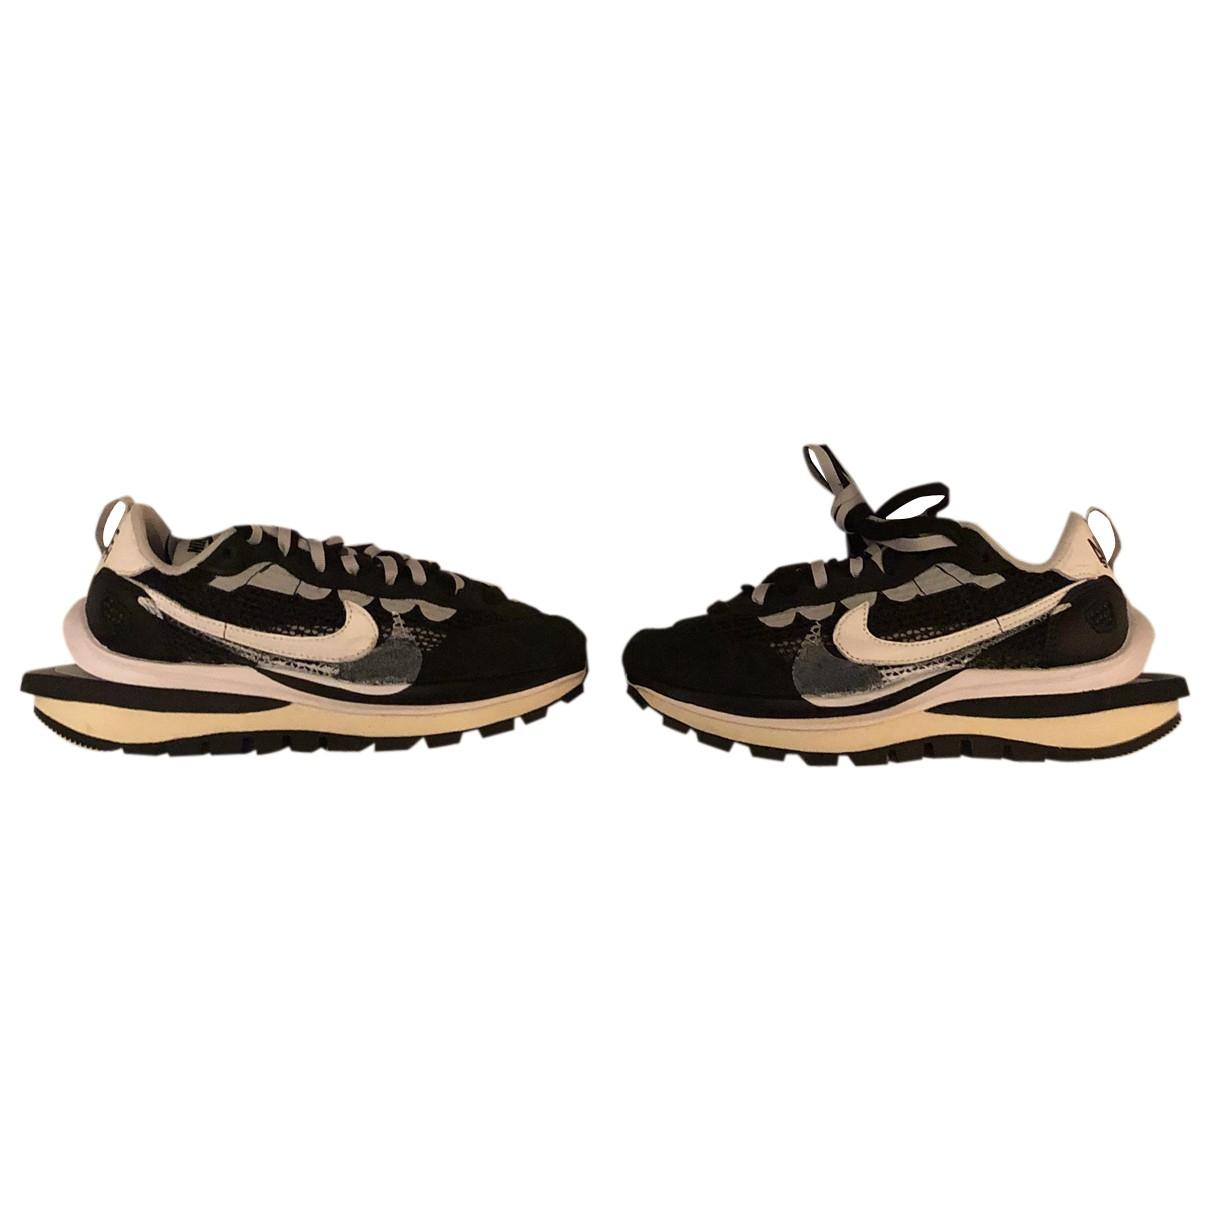 Nike X Sacai - Baskets Vaporwaffle pour femme en suede - noir